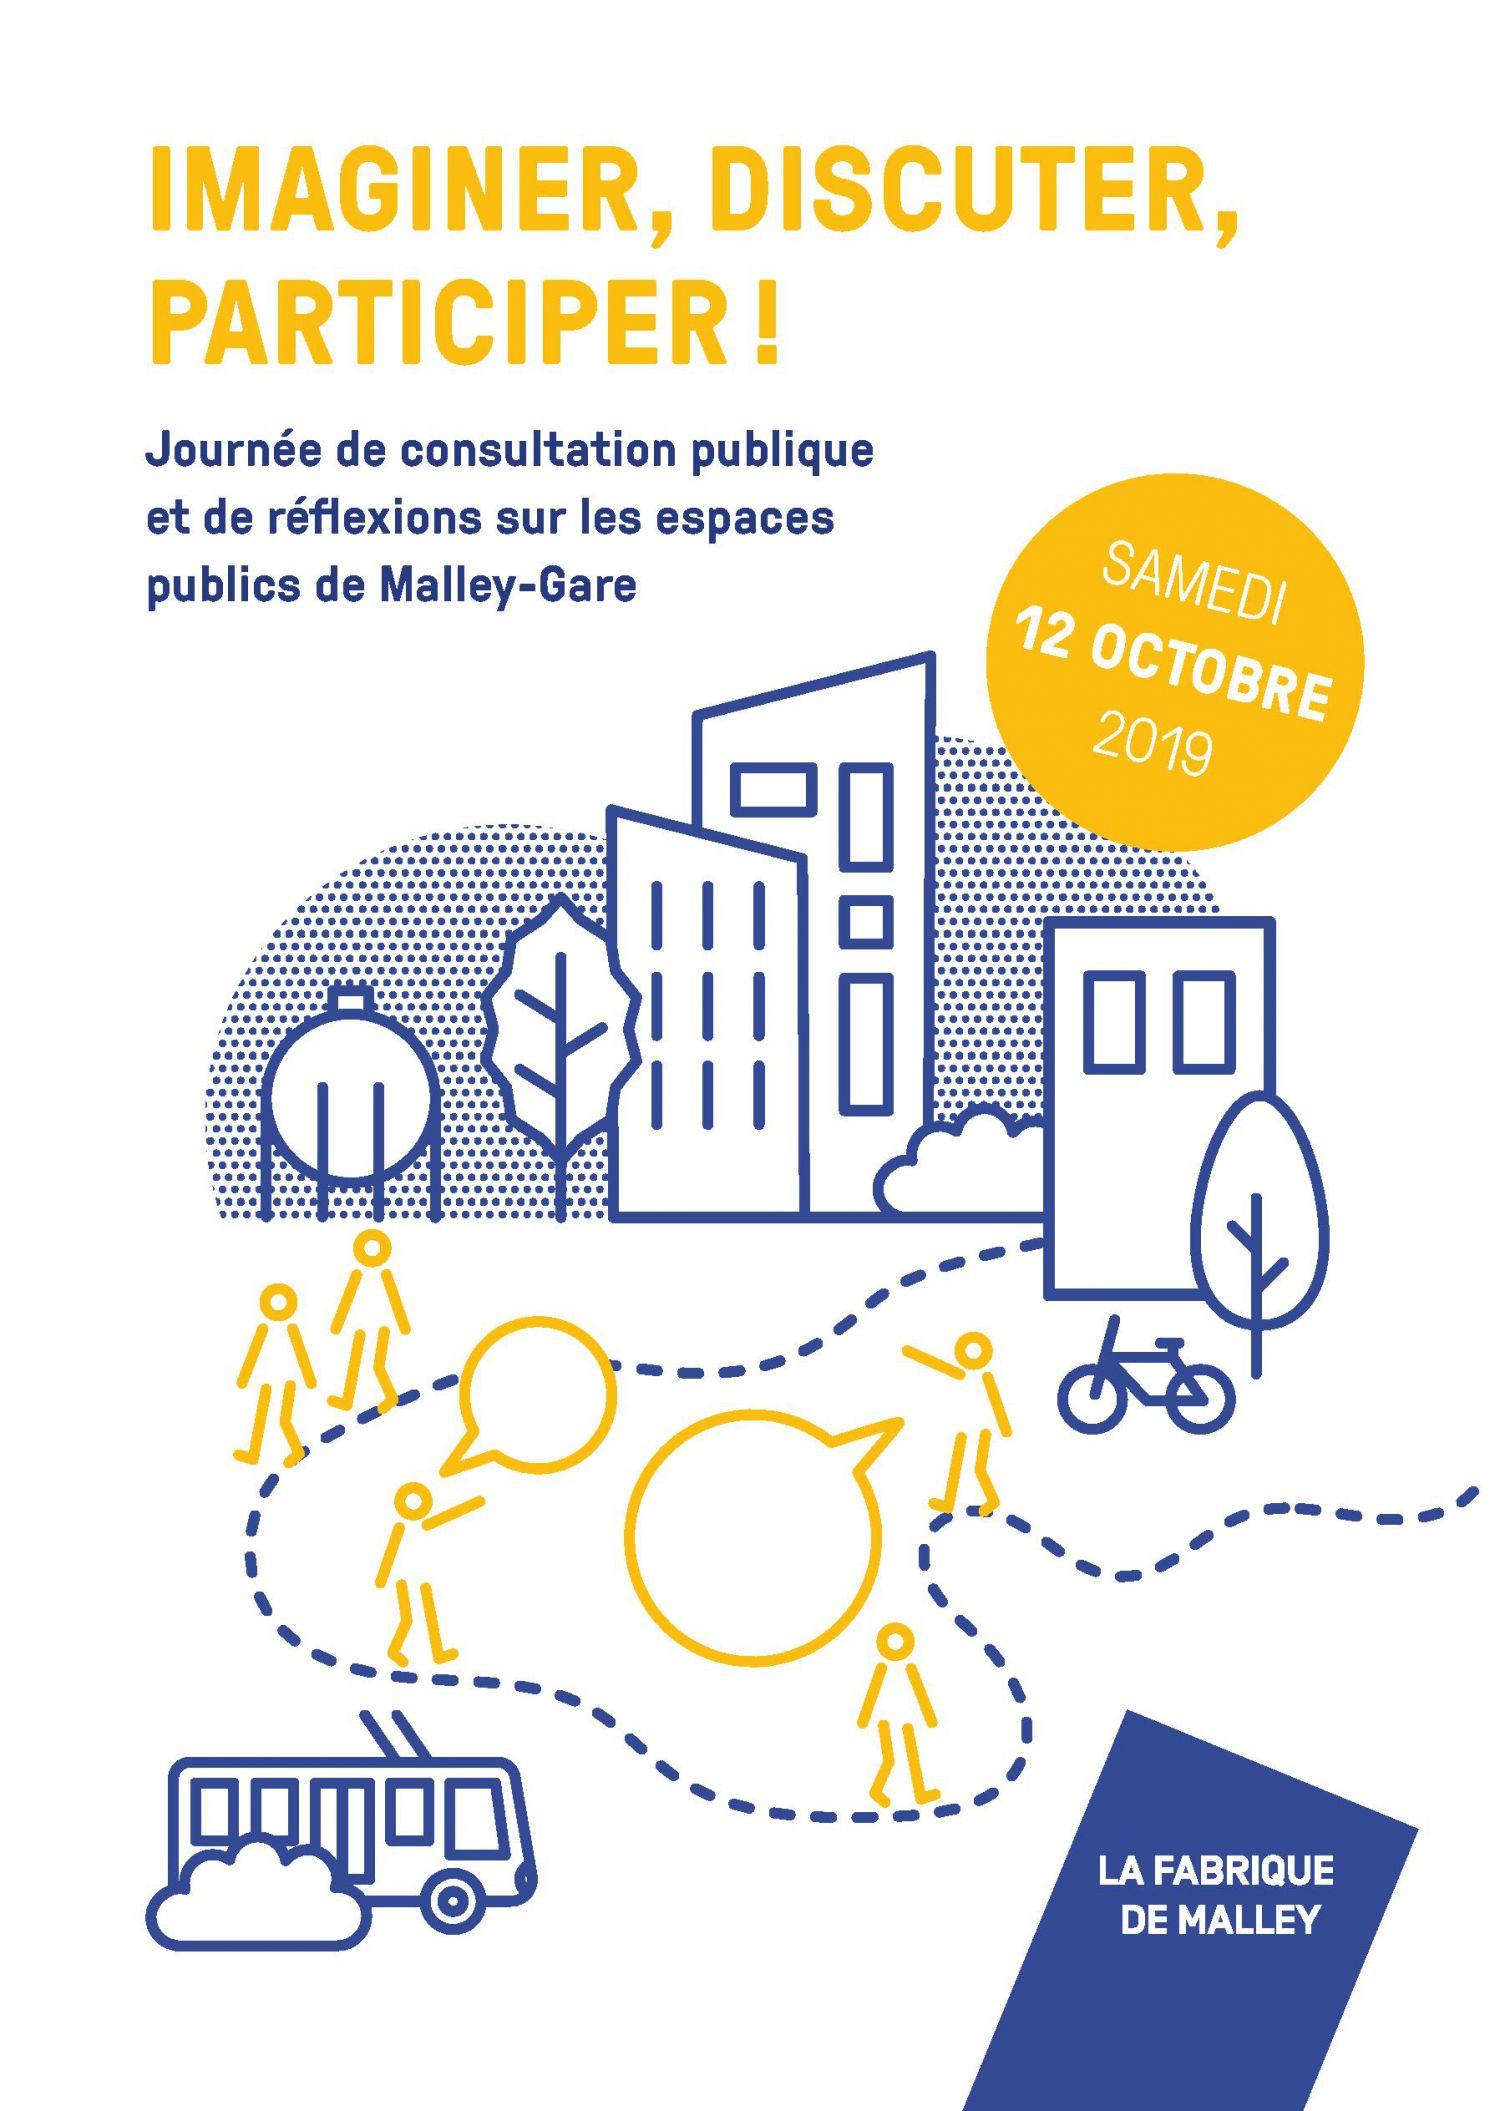 Malley-Gare - Journée de consultation publique et de réflexions sur les espaces publics